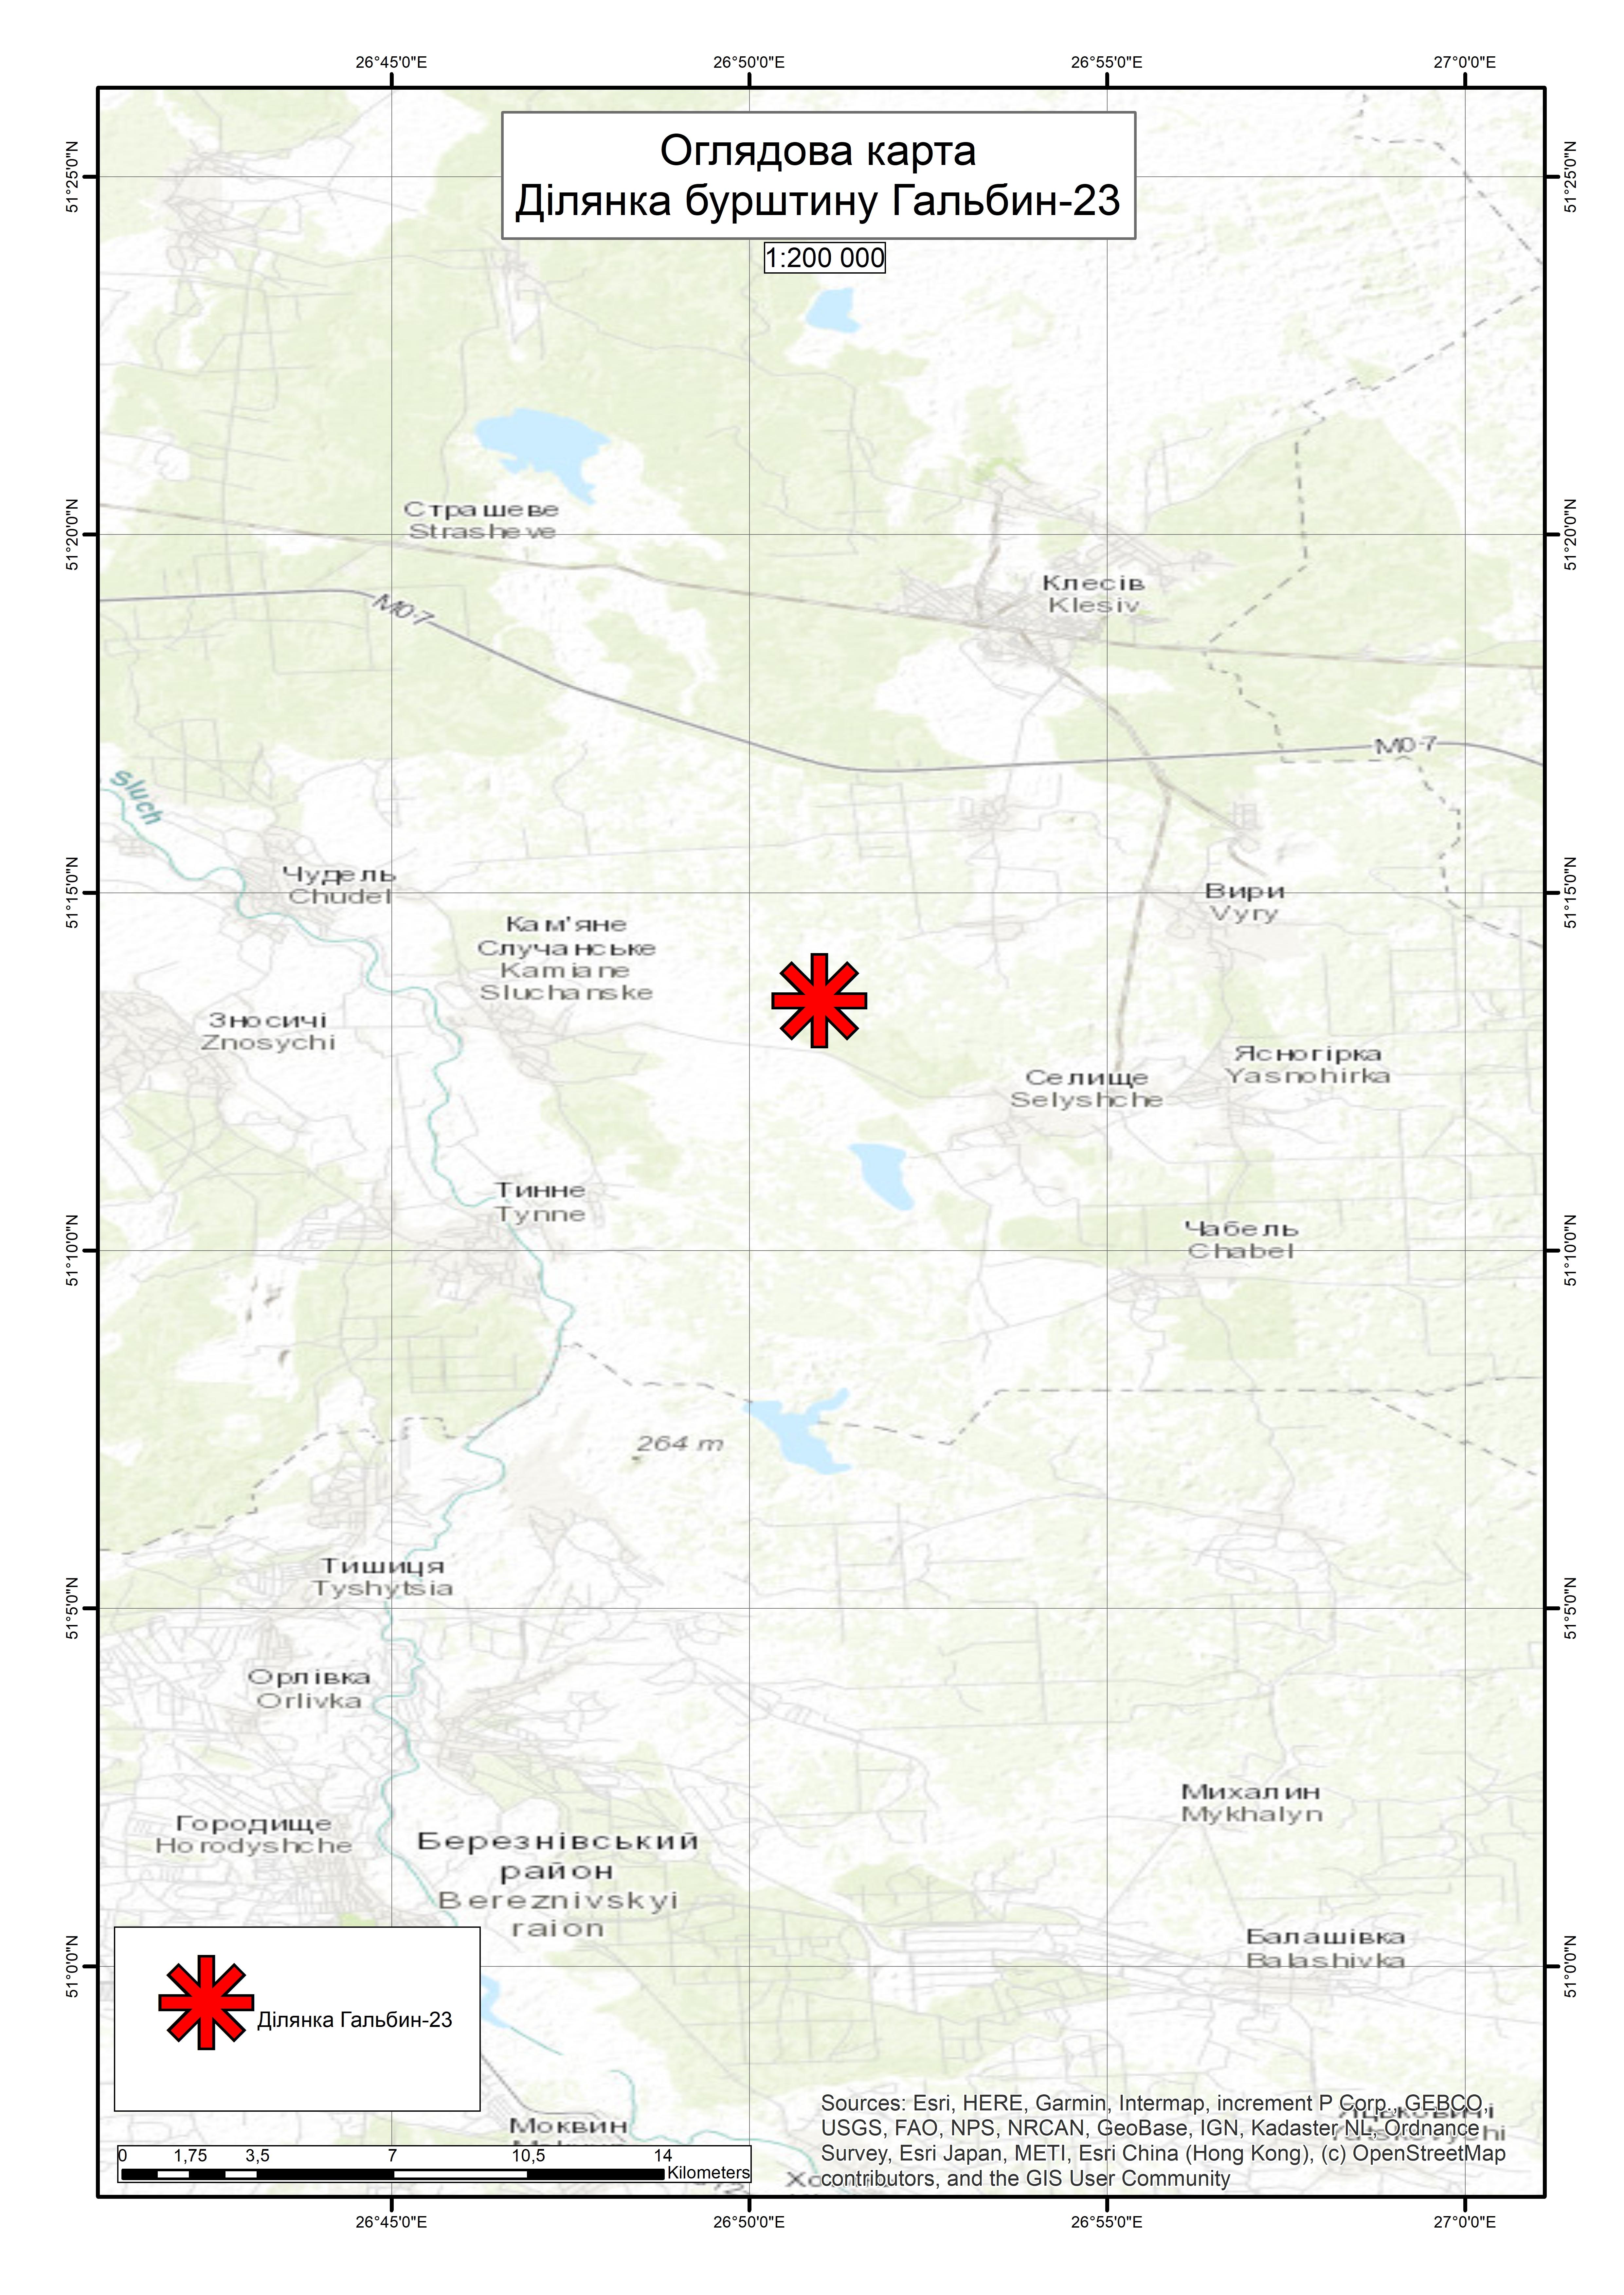 Спеціальний дозвіл на користування надрами – Ділянка Гальбин-23. Вартість геологічної інформації – 102 819,22 грн (з ПДВ). Вартість пакету аукціонної документації – 10 342,80 грн (з ПДВ).